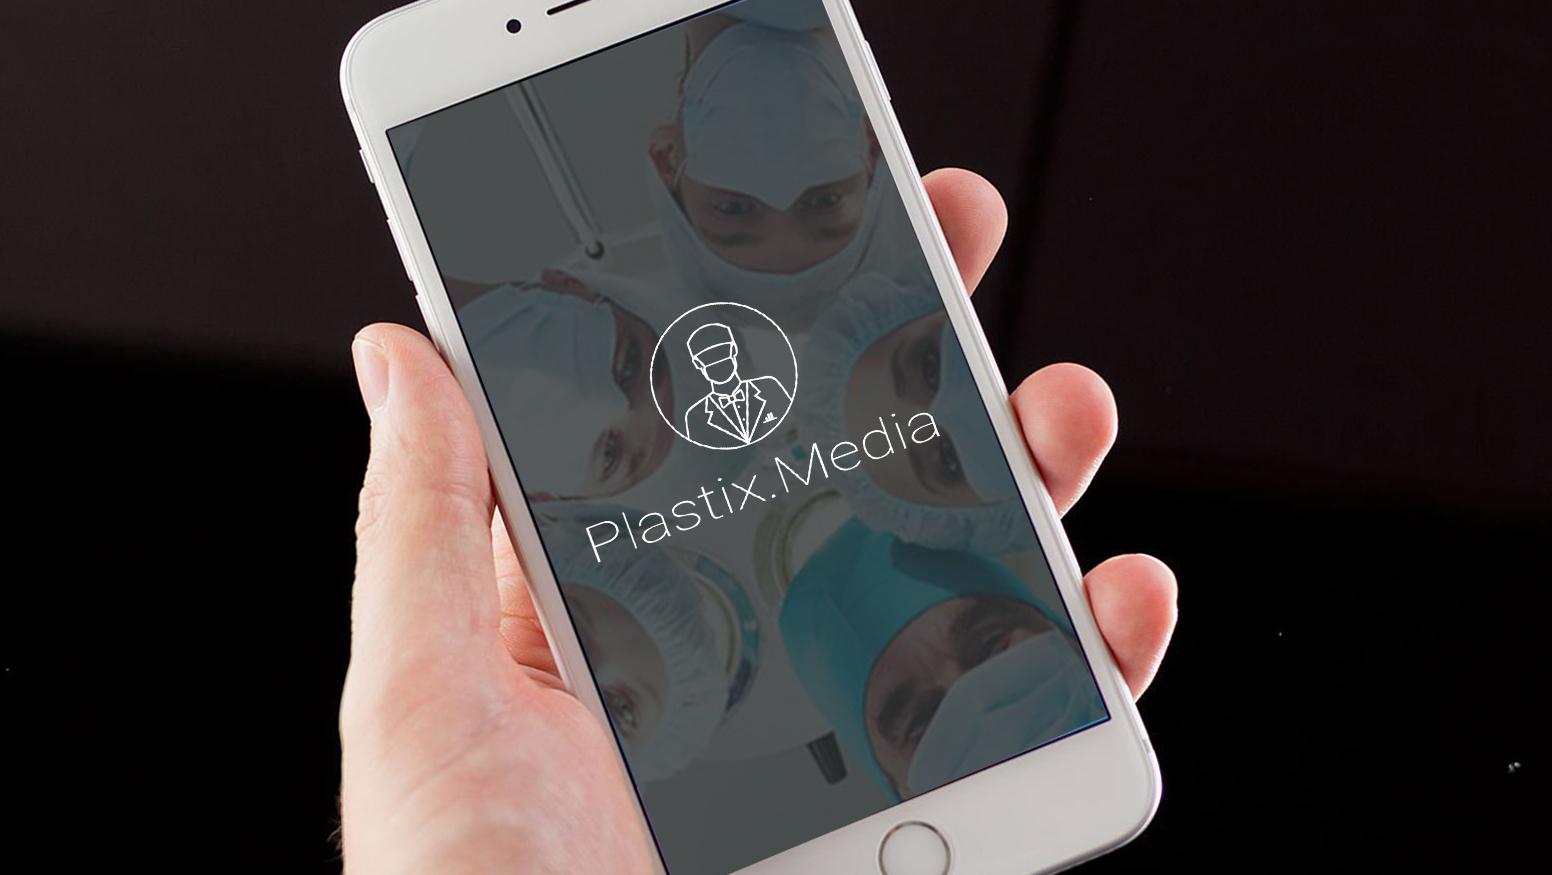 Разработка пакета айдентики Plastix.Media фото f_145598c12d287ca6.jpg